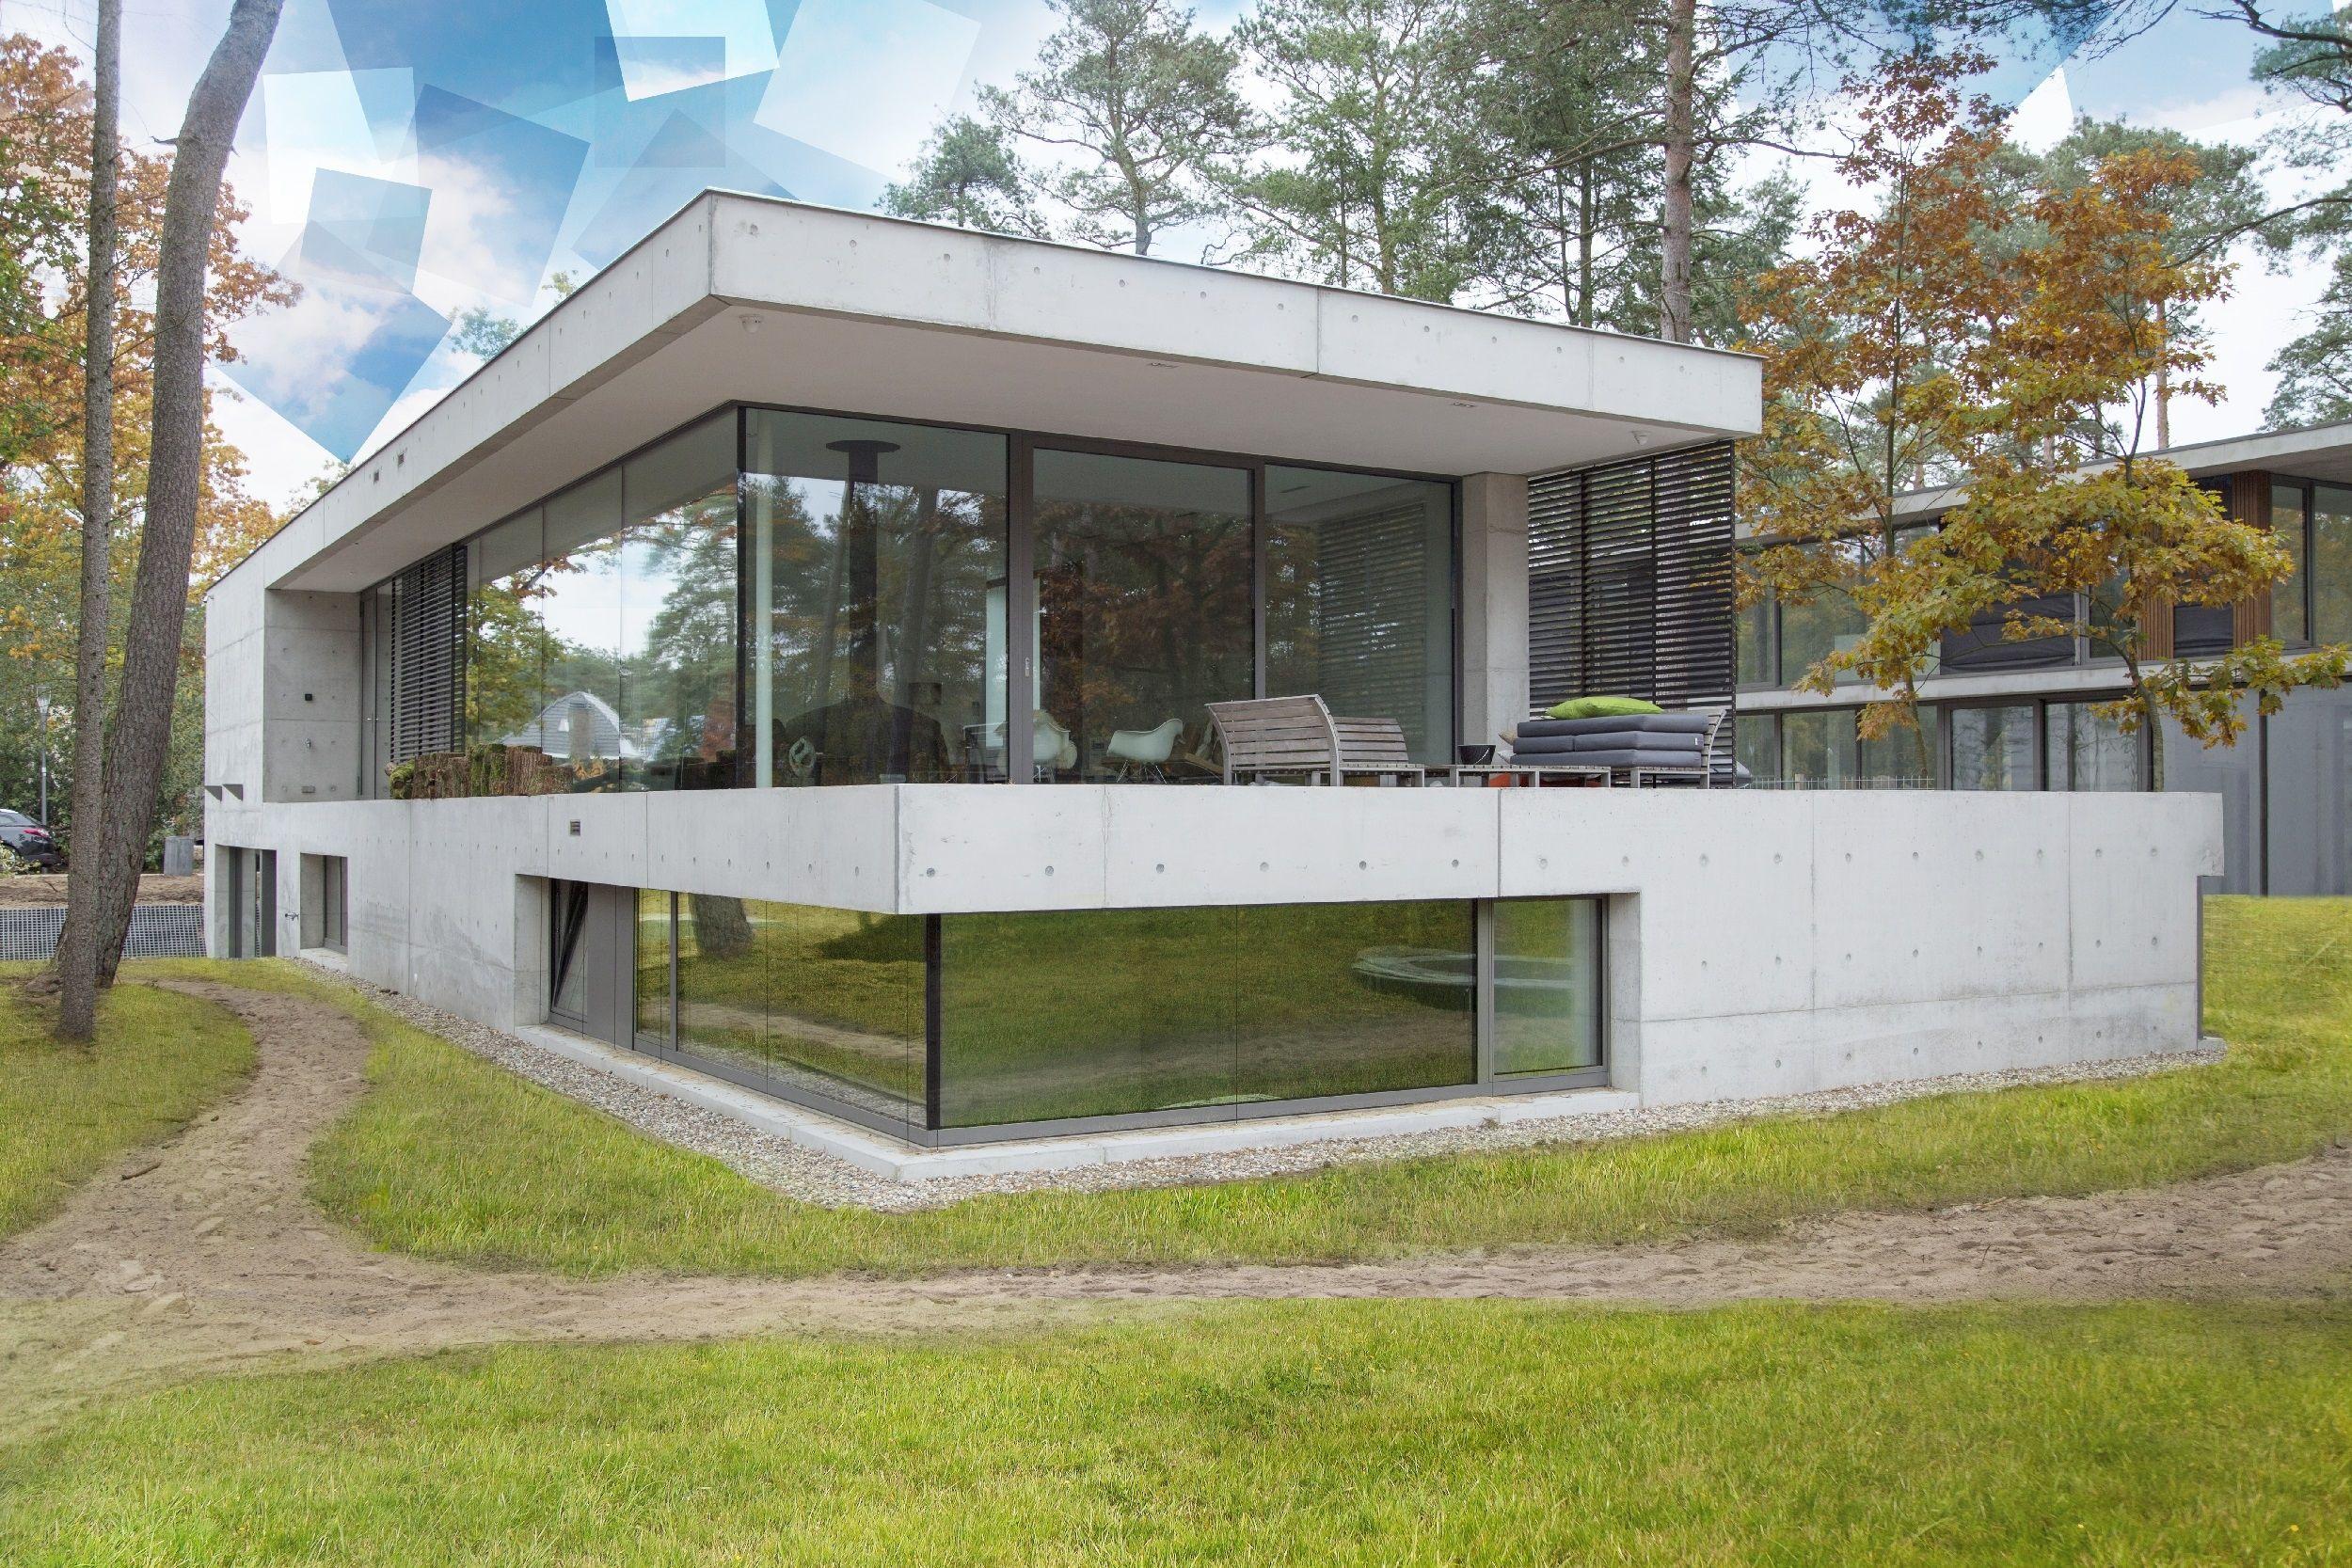 Woonhuis regio utrecht een ontwerp van architectenbureau for Dat architecten